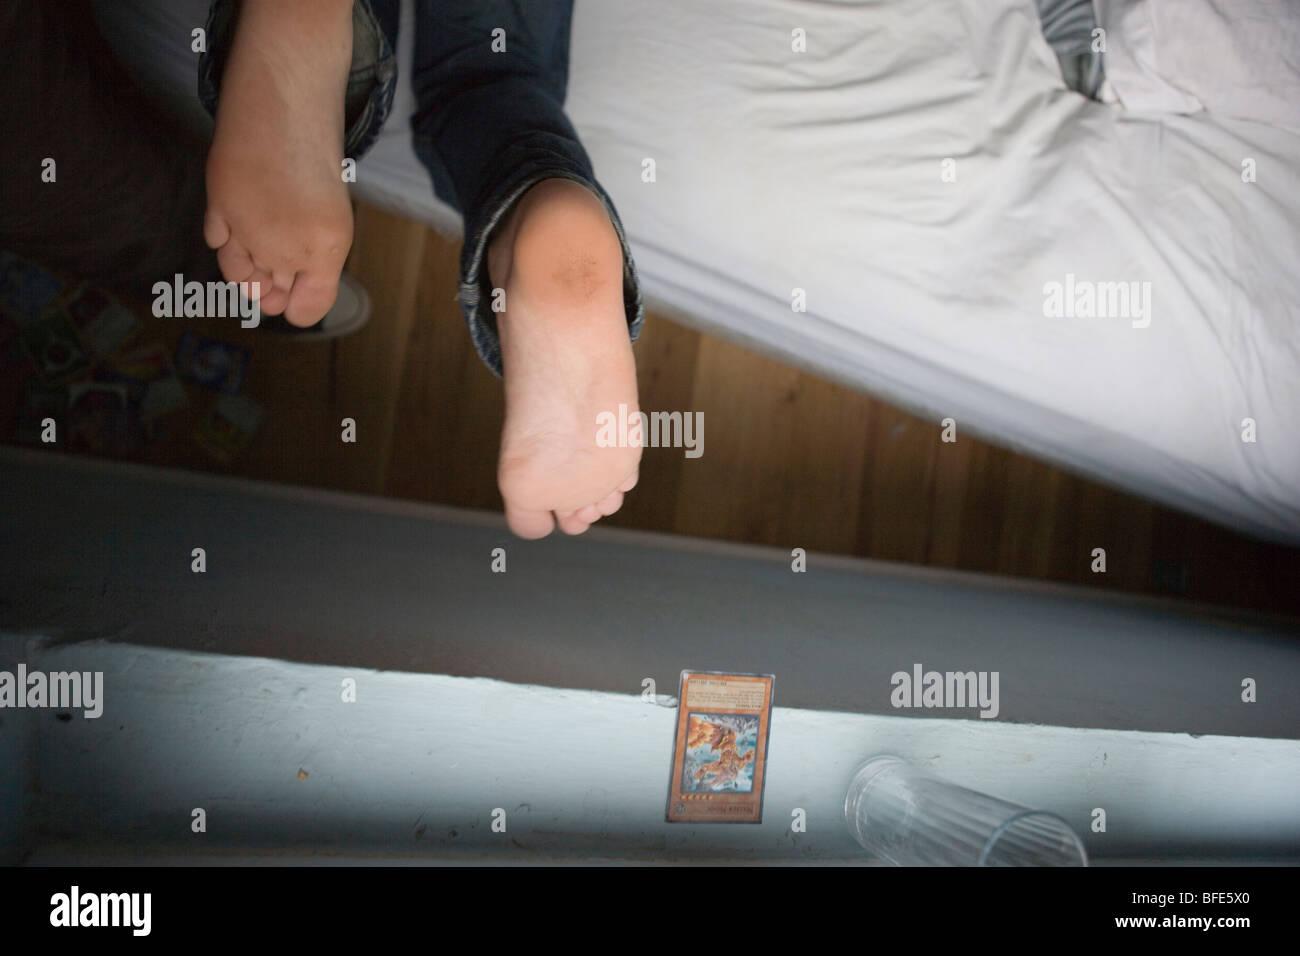 Les pieds du garçon dans sa chambre Photo Stock